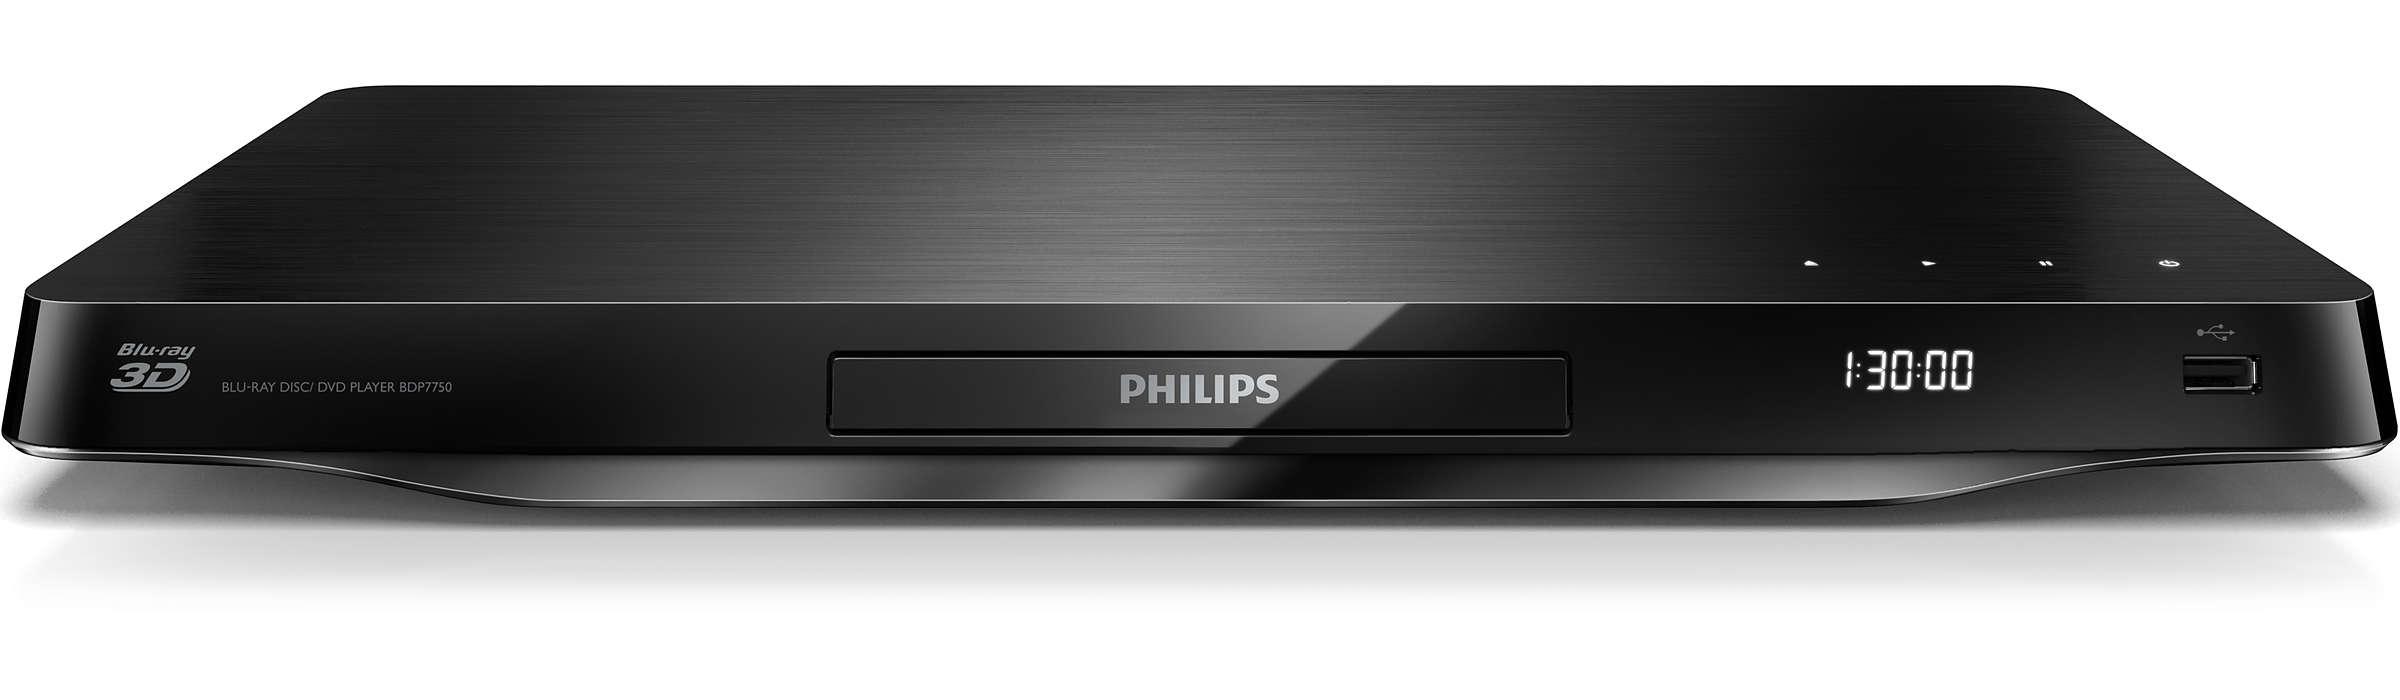 Dokonalý společník pro váš televizor 4K Ultra HD